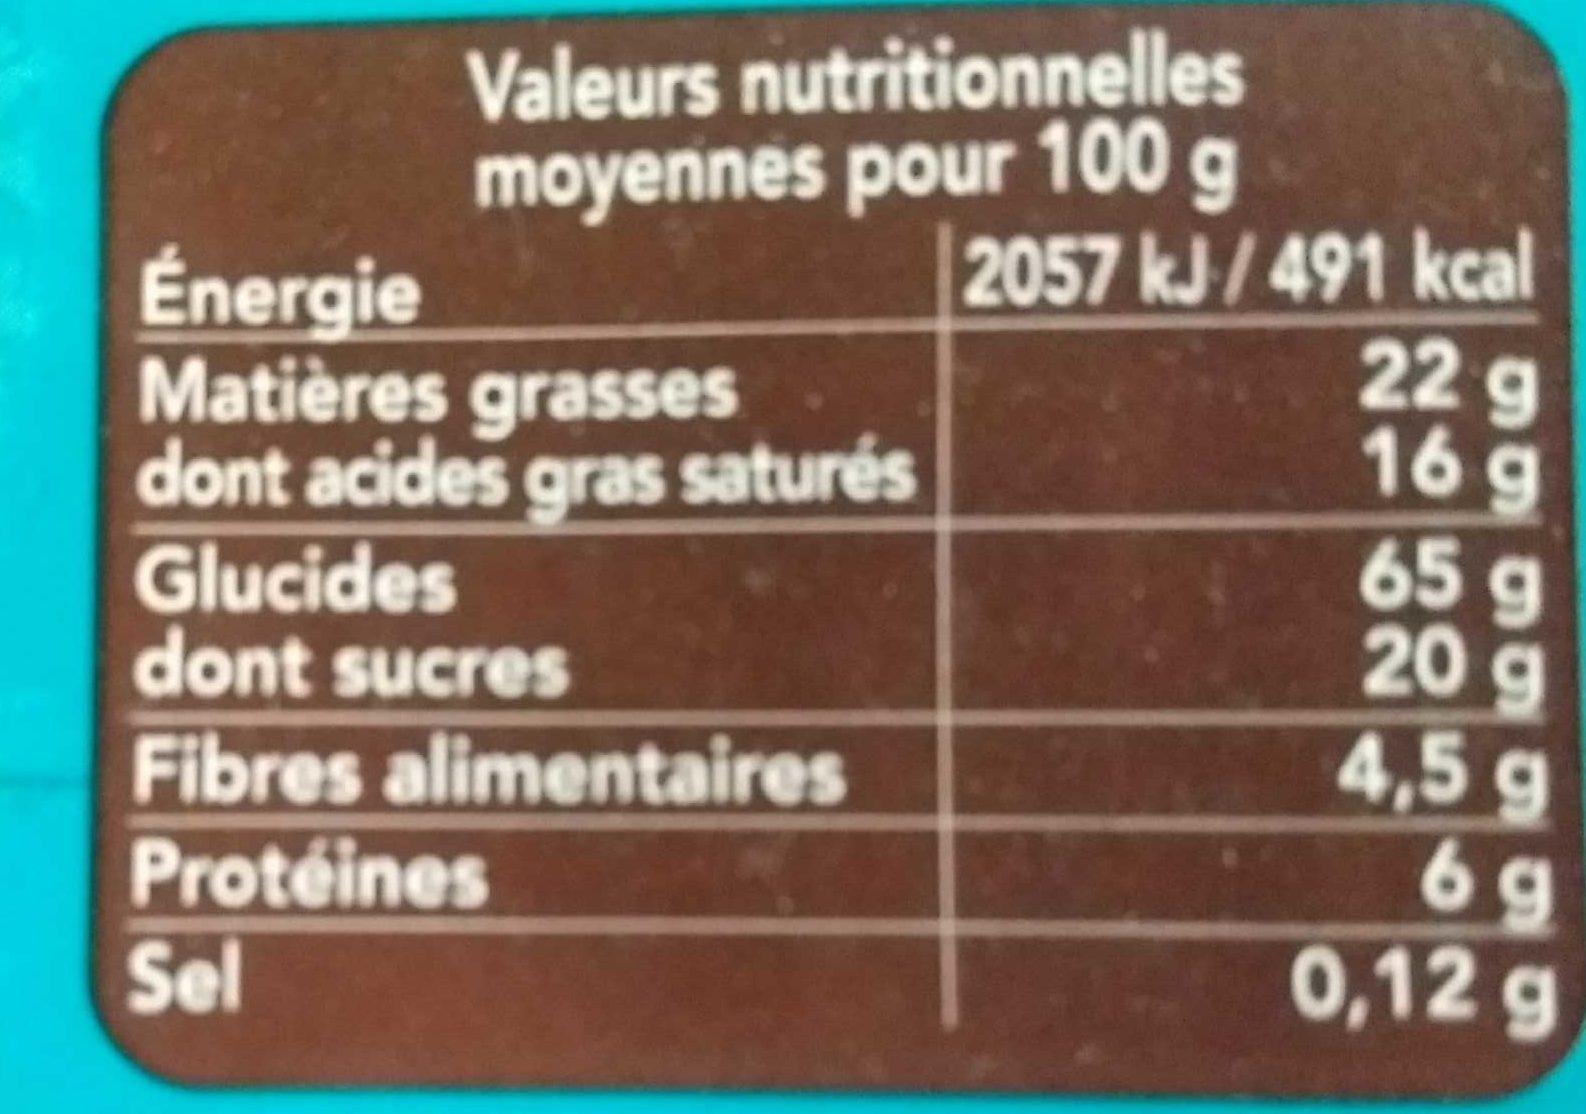 Galette de riz chocolat noir coco - 营养成分 - fr